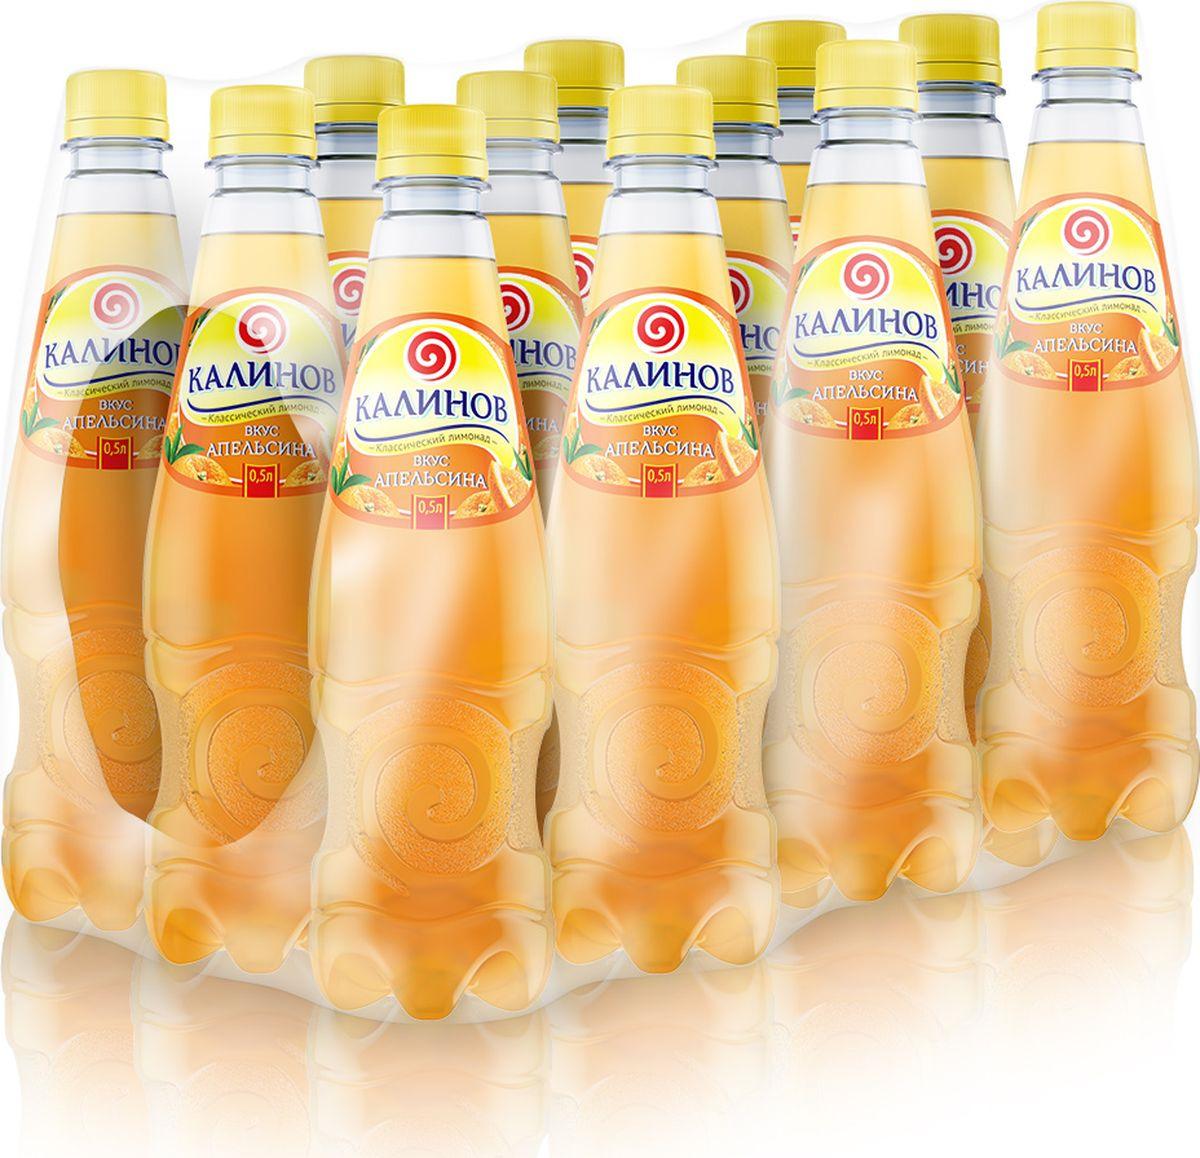 Калинов Лимонад Апельсин, 12 шт по 0,5 л калинов лимонад кола 12 шт по 0 5 л